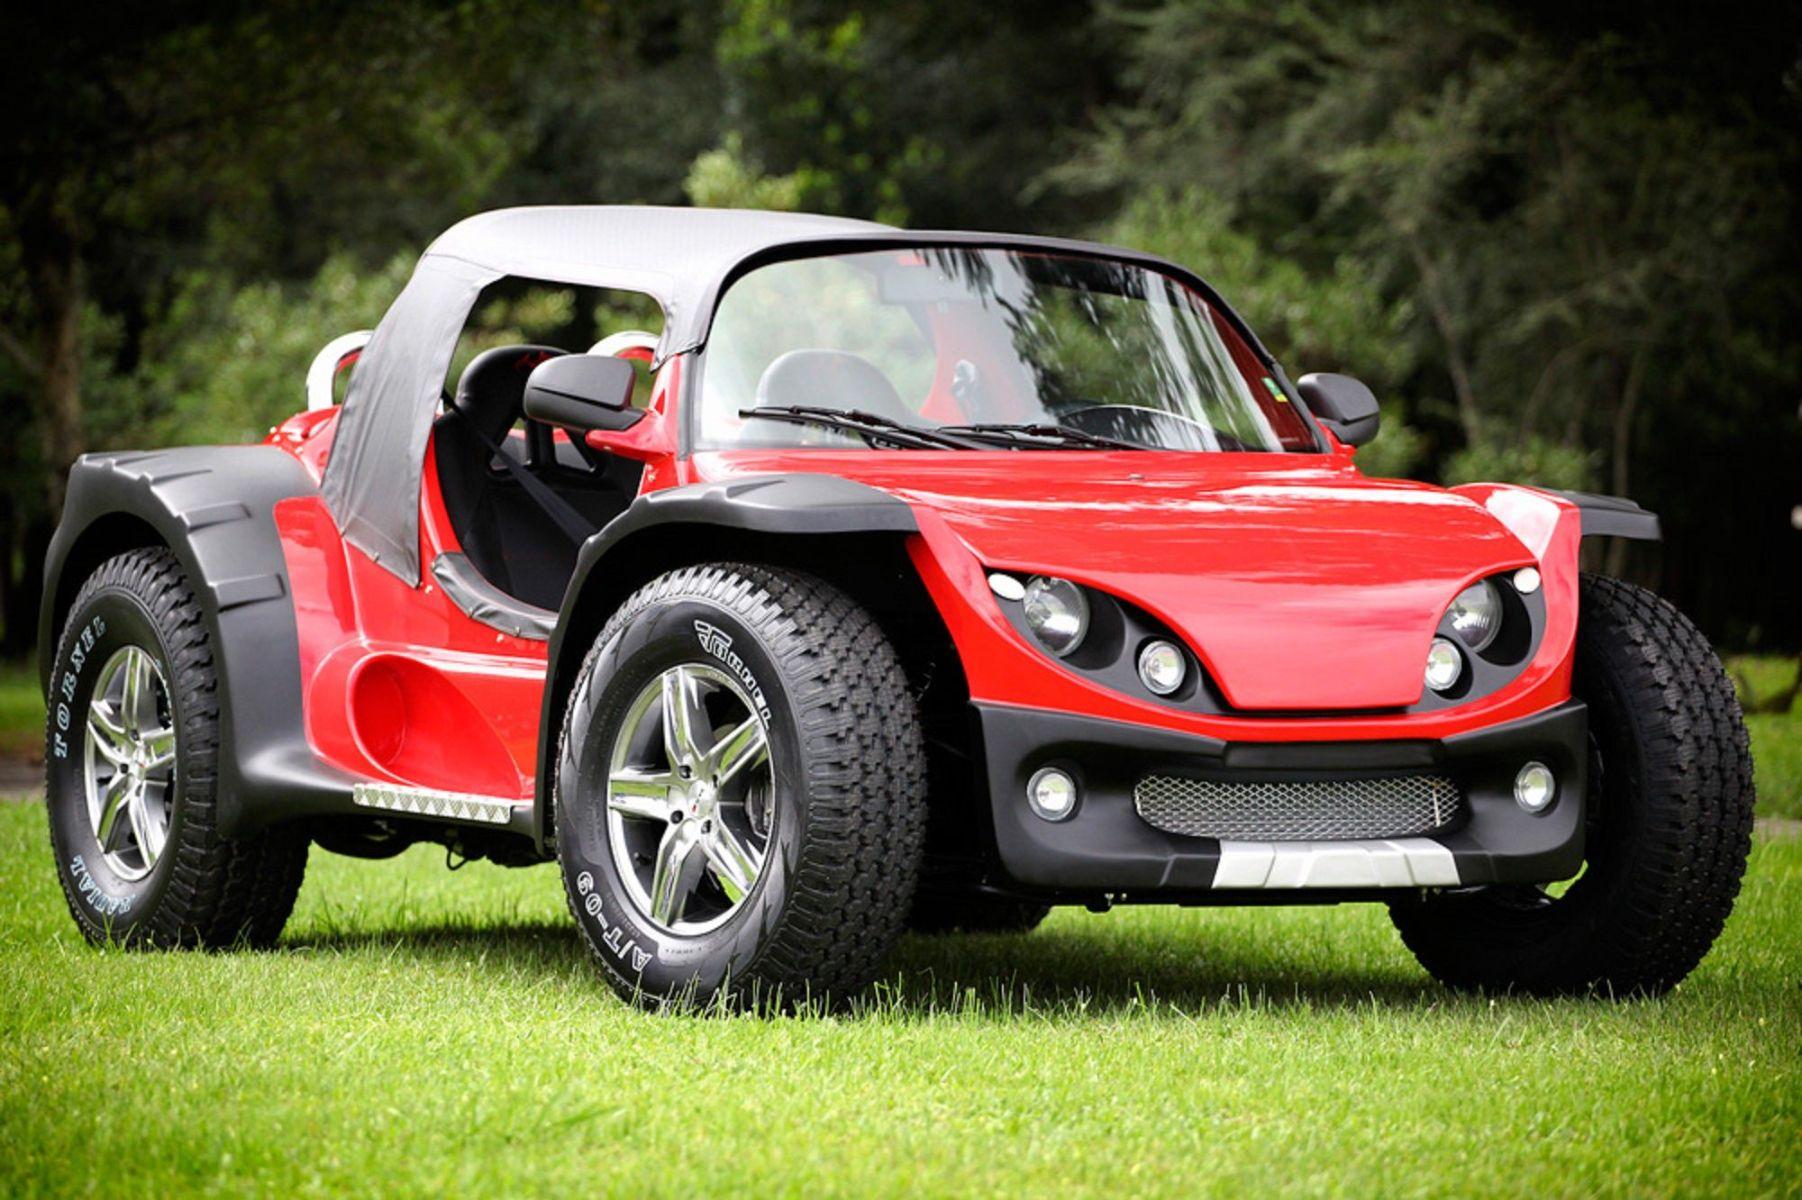 wake super buggy vermelho frente estacionado na grama